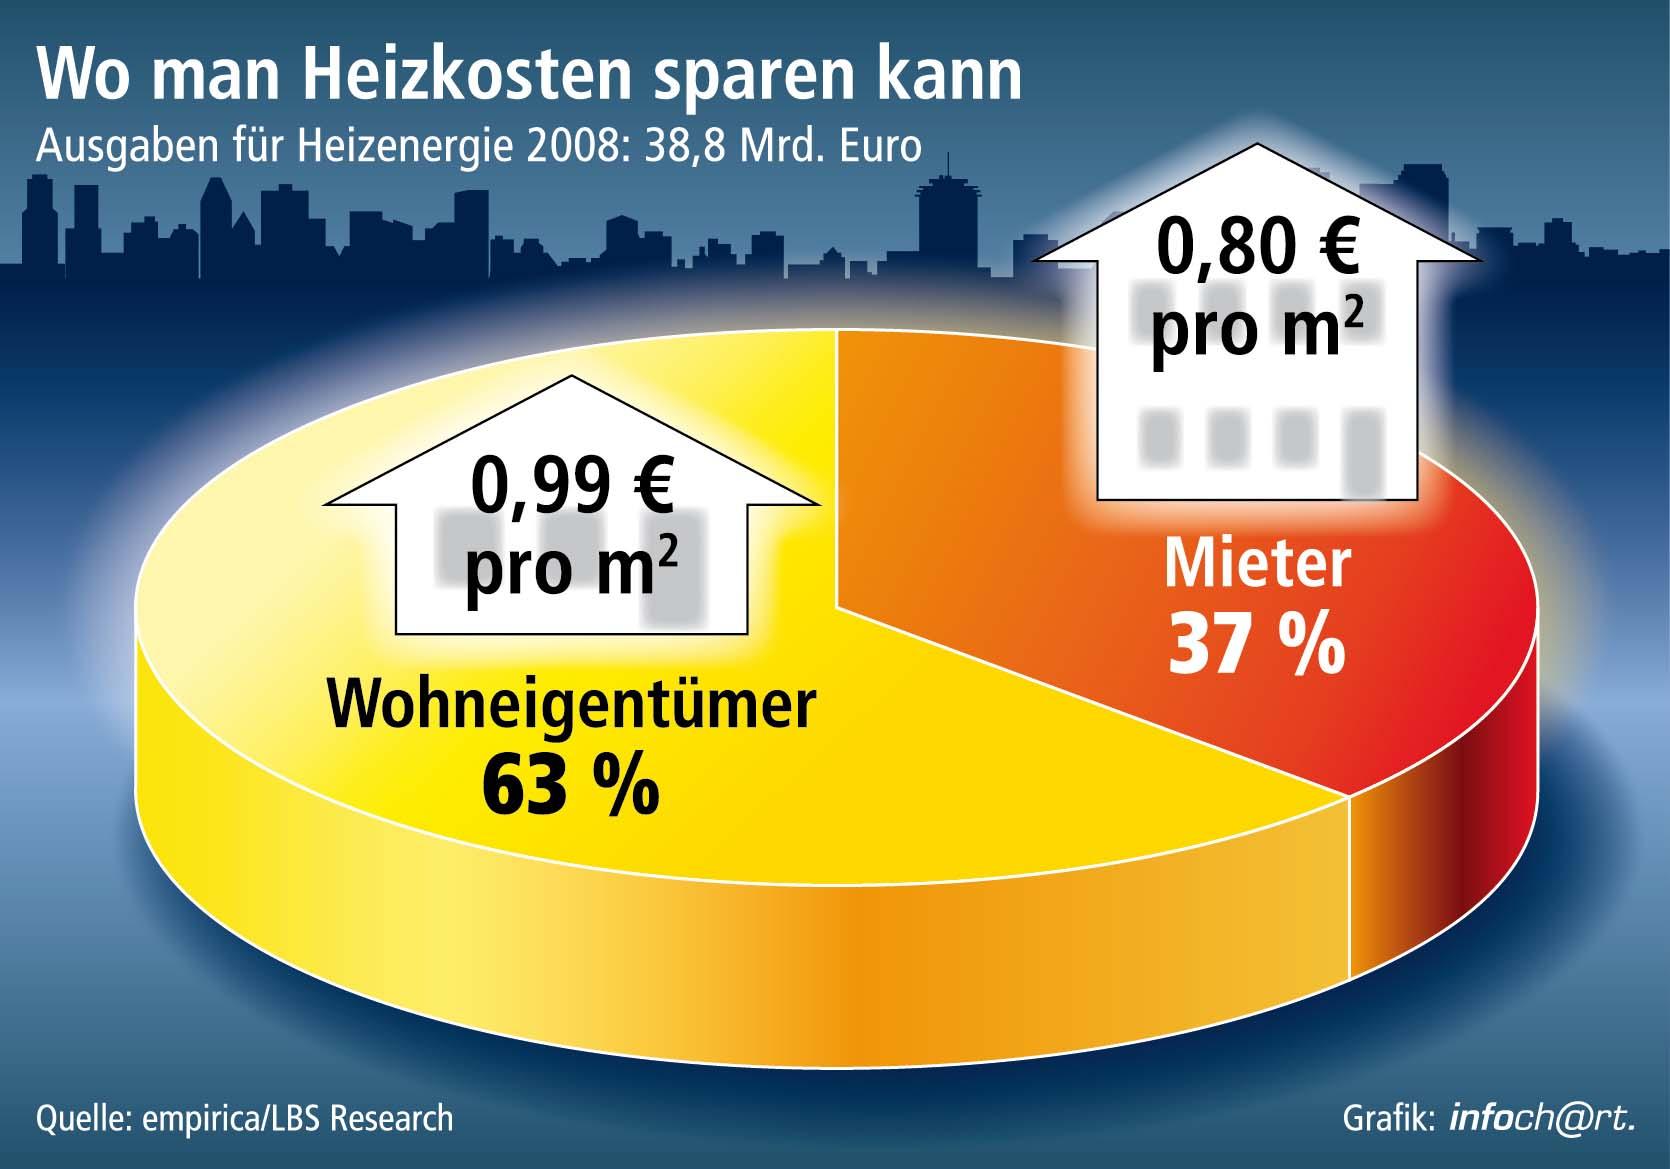 Heizkosten Ÿüber 1.000 Euro pro Jahr / 63 Prozent des Energieaufwands aller Haushalte bei WohneigentŸümern – Vor allem gršößere WohnflŠächen als Ursache – Wirksame Föšrderanreize gerade hier wichtig